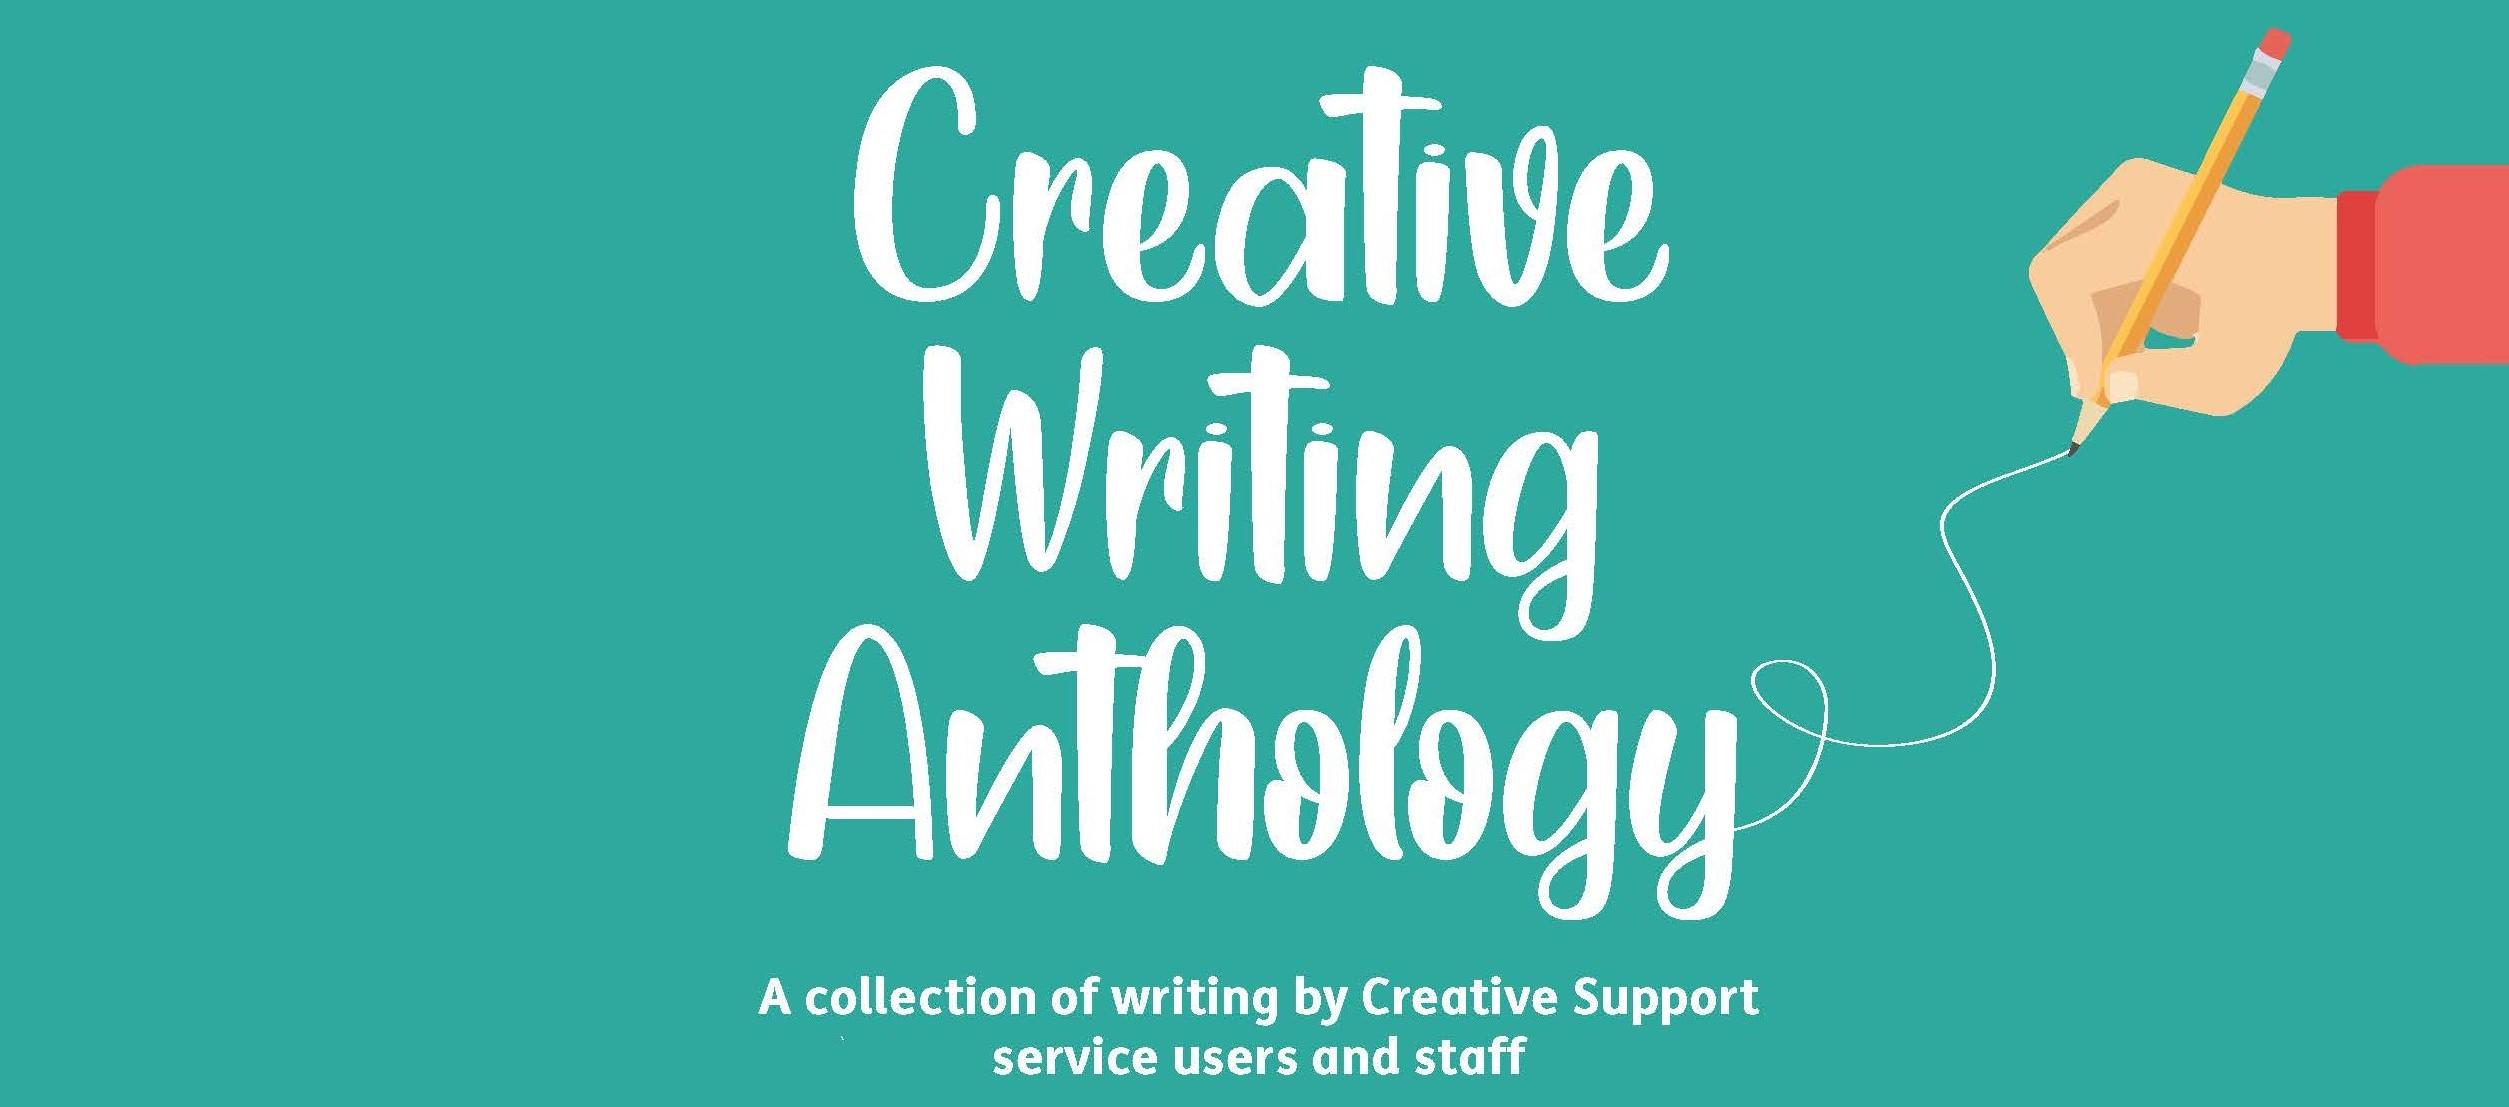 Creative Writing Anthology!